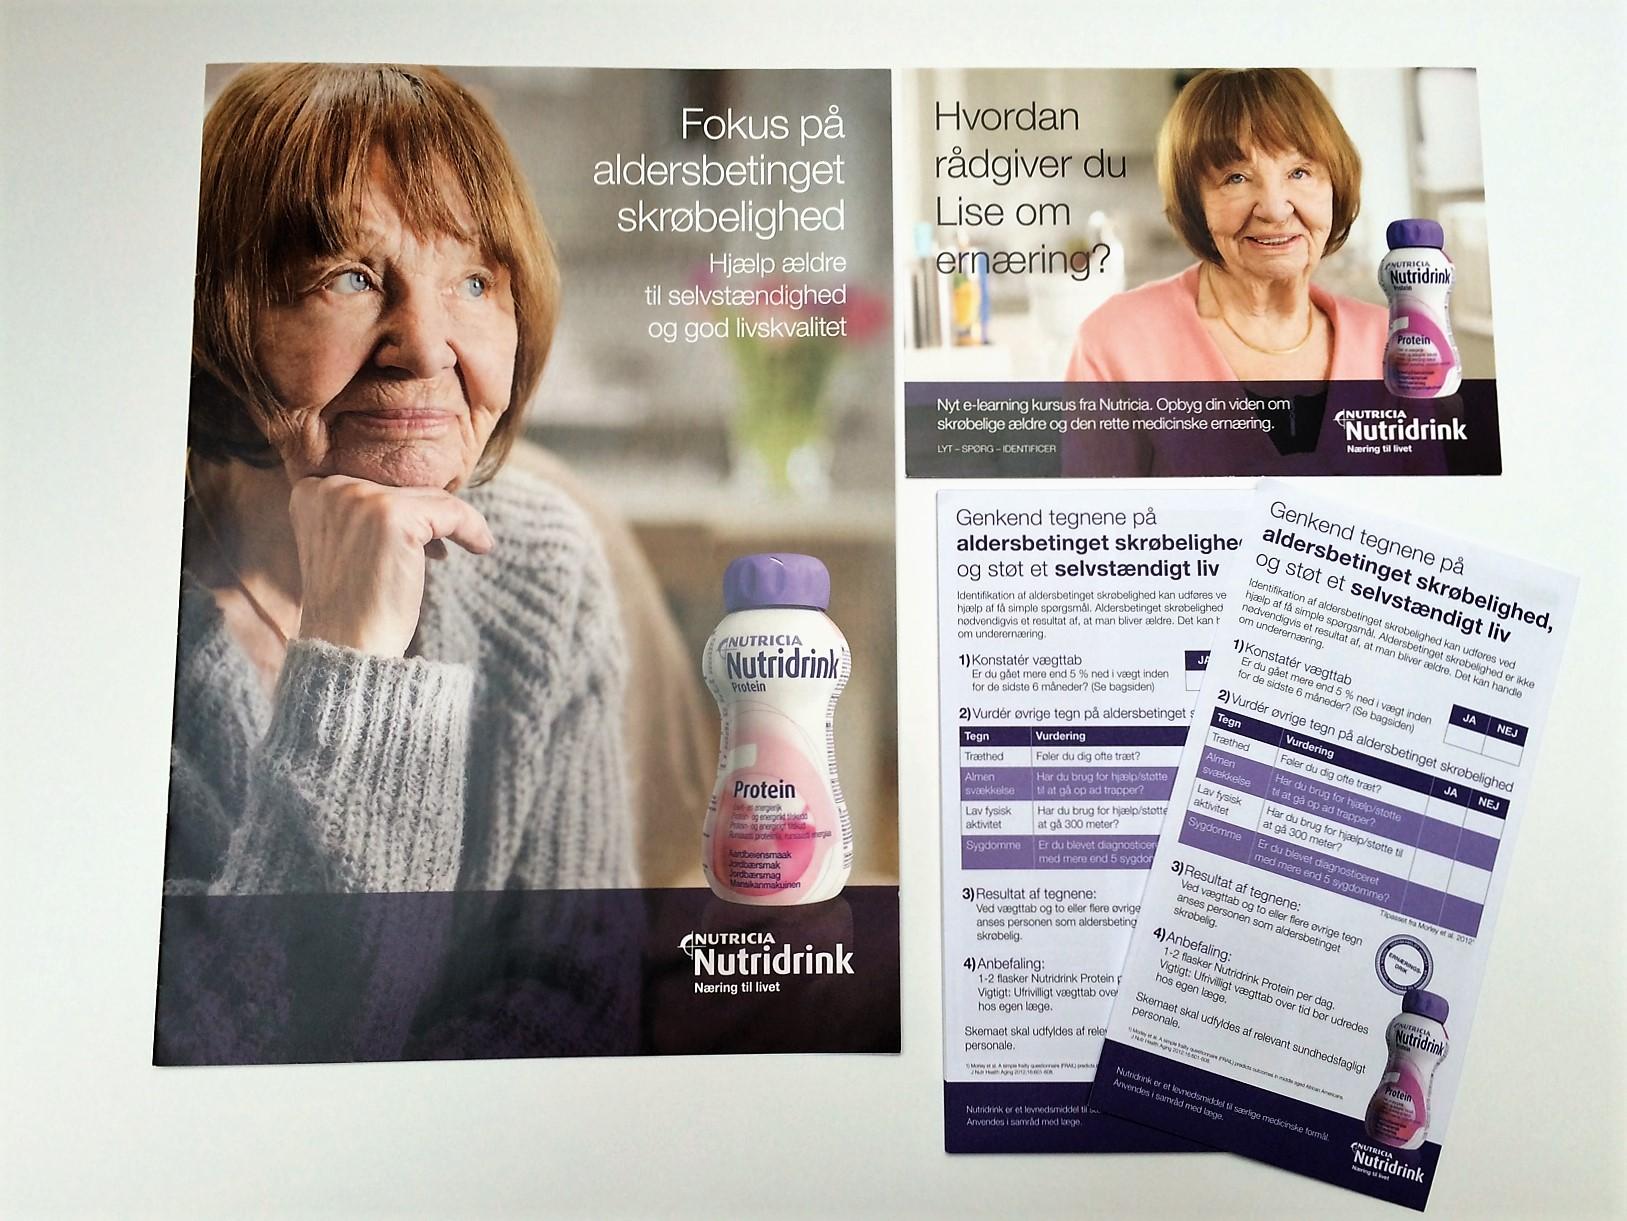 Undervisningsmaterialer til apotekspersonale